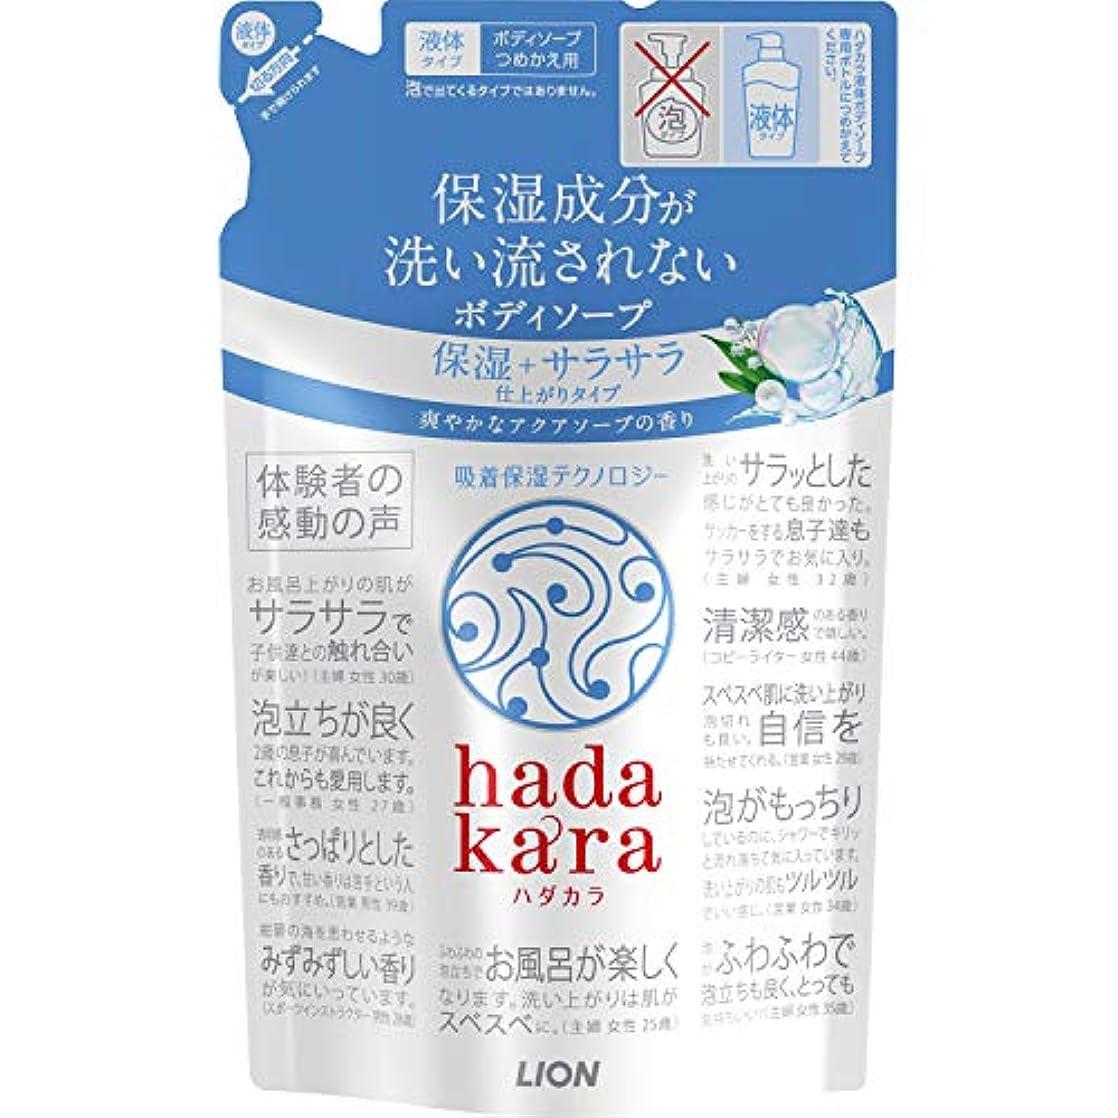 お勧めレインコート登山家hadakara(ハダカラ) ボディソープ 保湿+サラサラ仕上がりタイプ アクアソープの香り 詰め替え 340ml